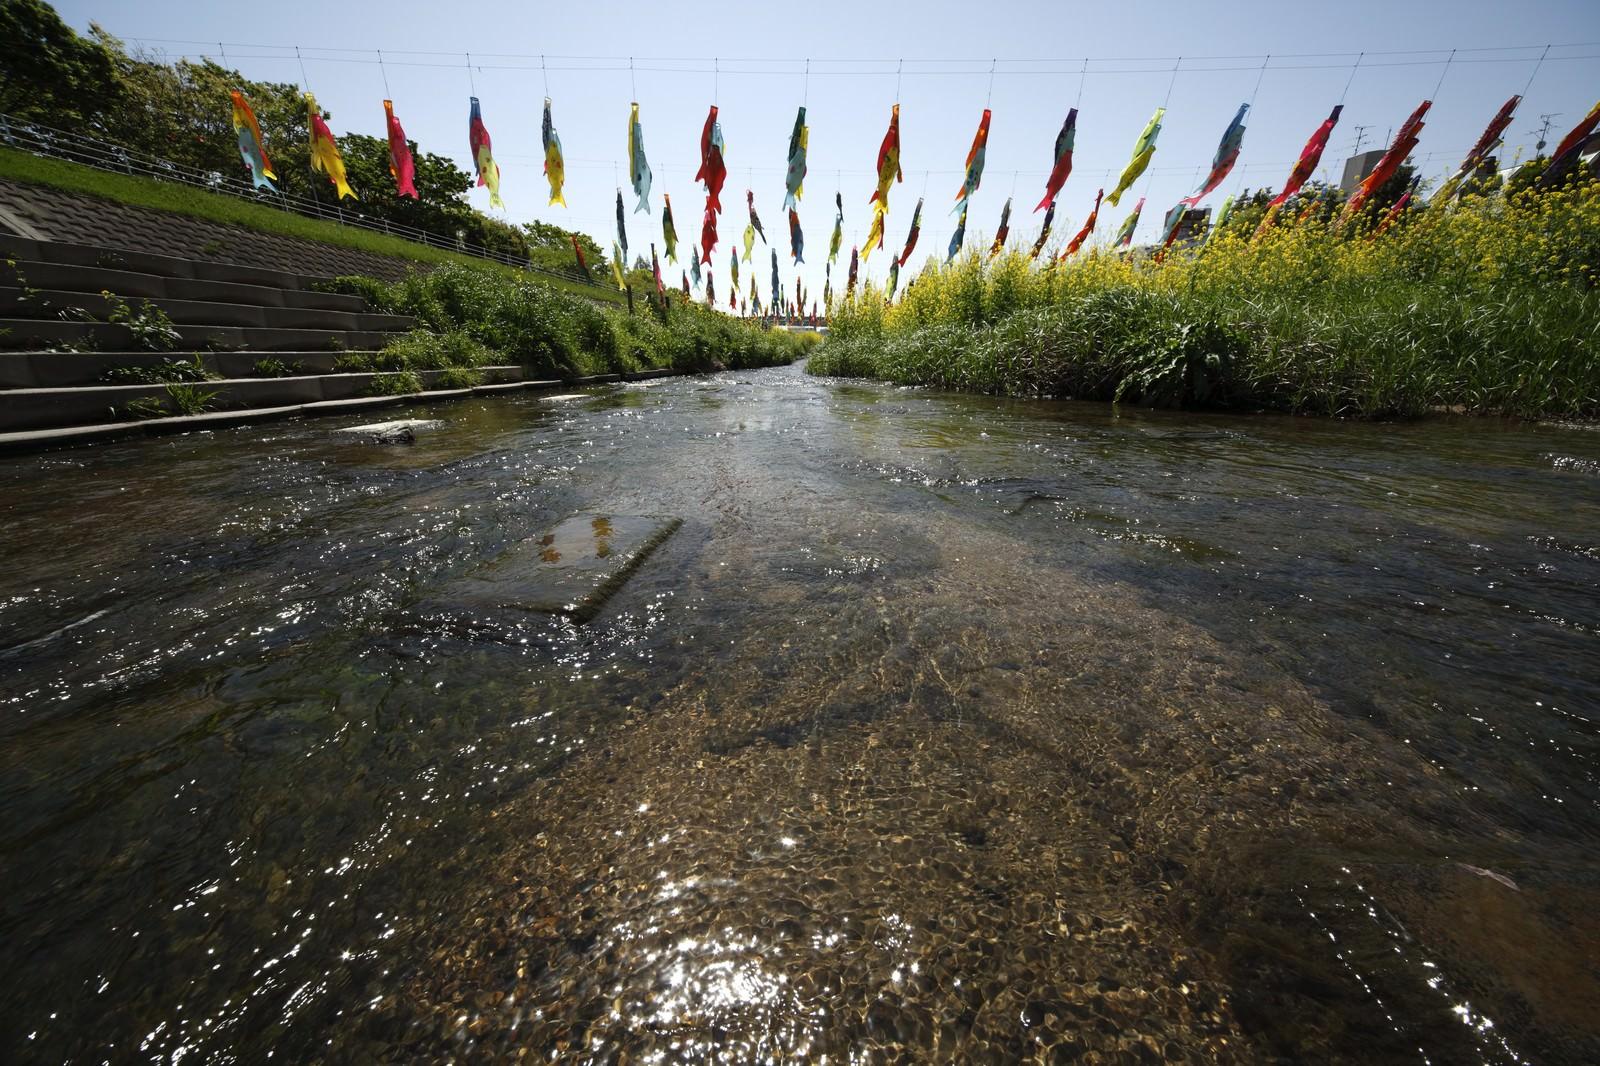 「川にかけられた鯉のぼり」の写真